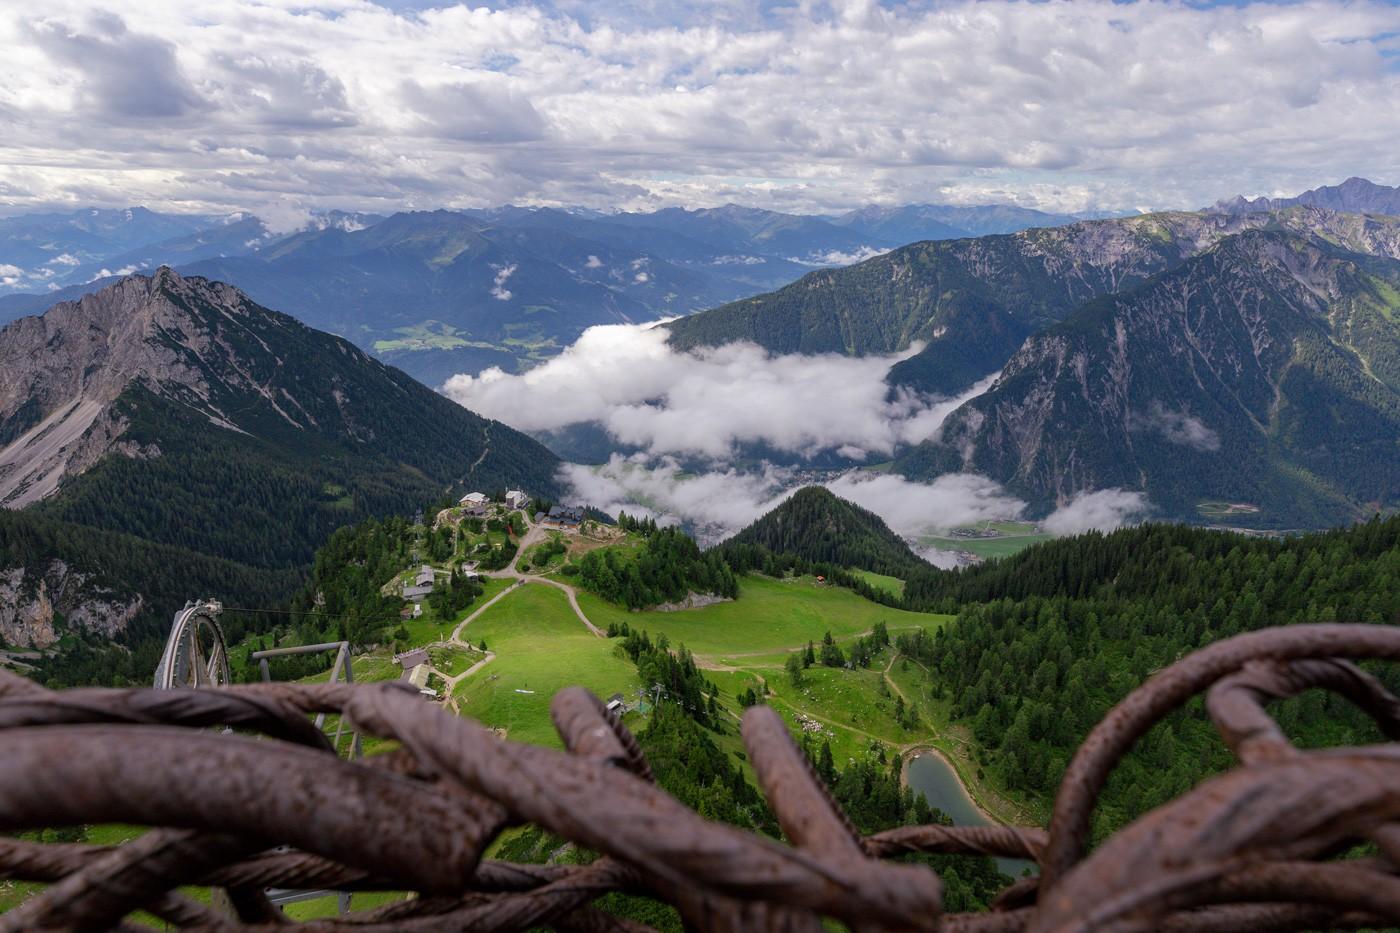 Aussicht vom Gschöllkopf auf das Karwendelgebirge